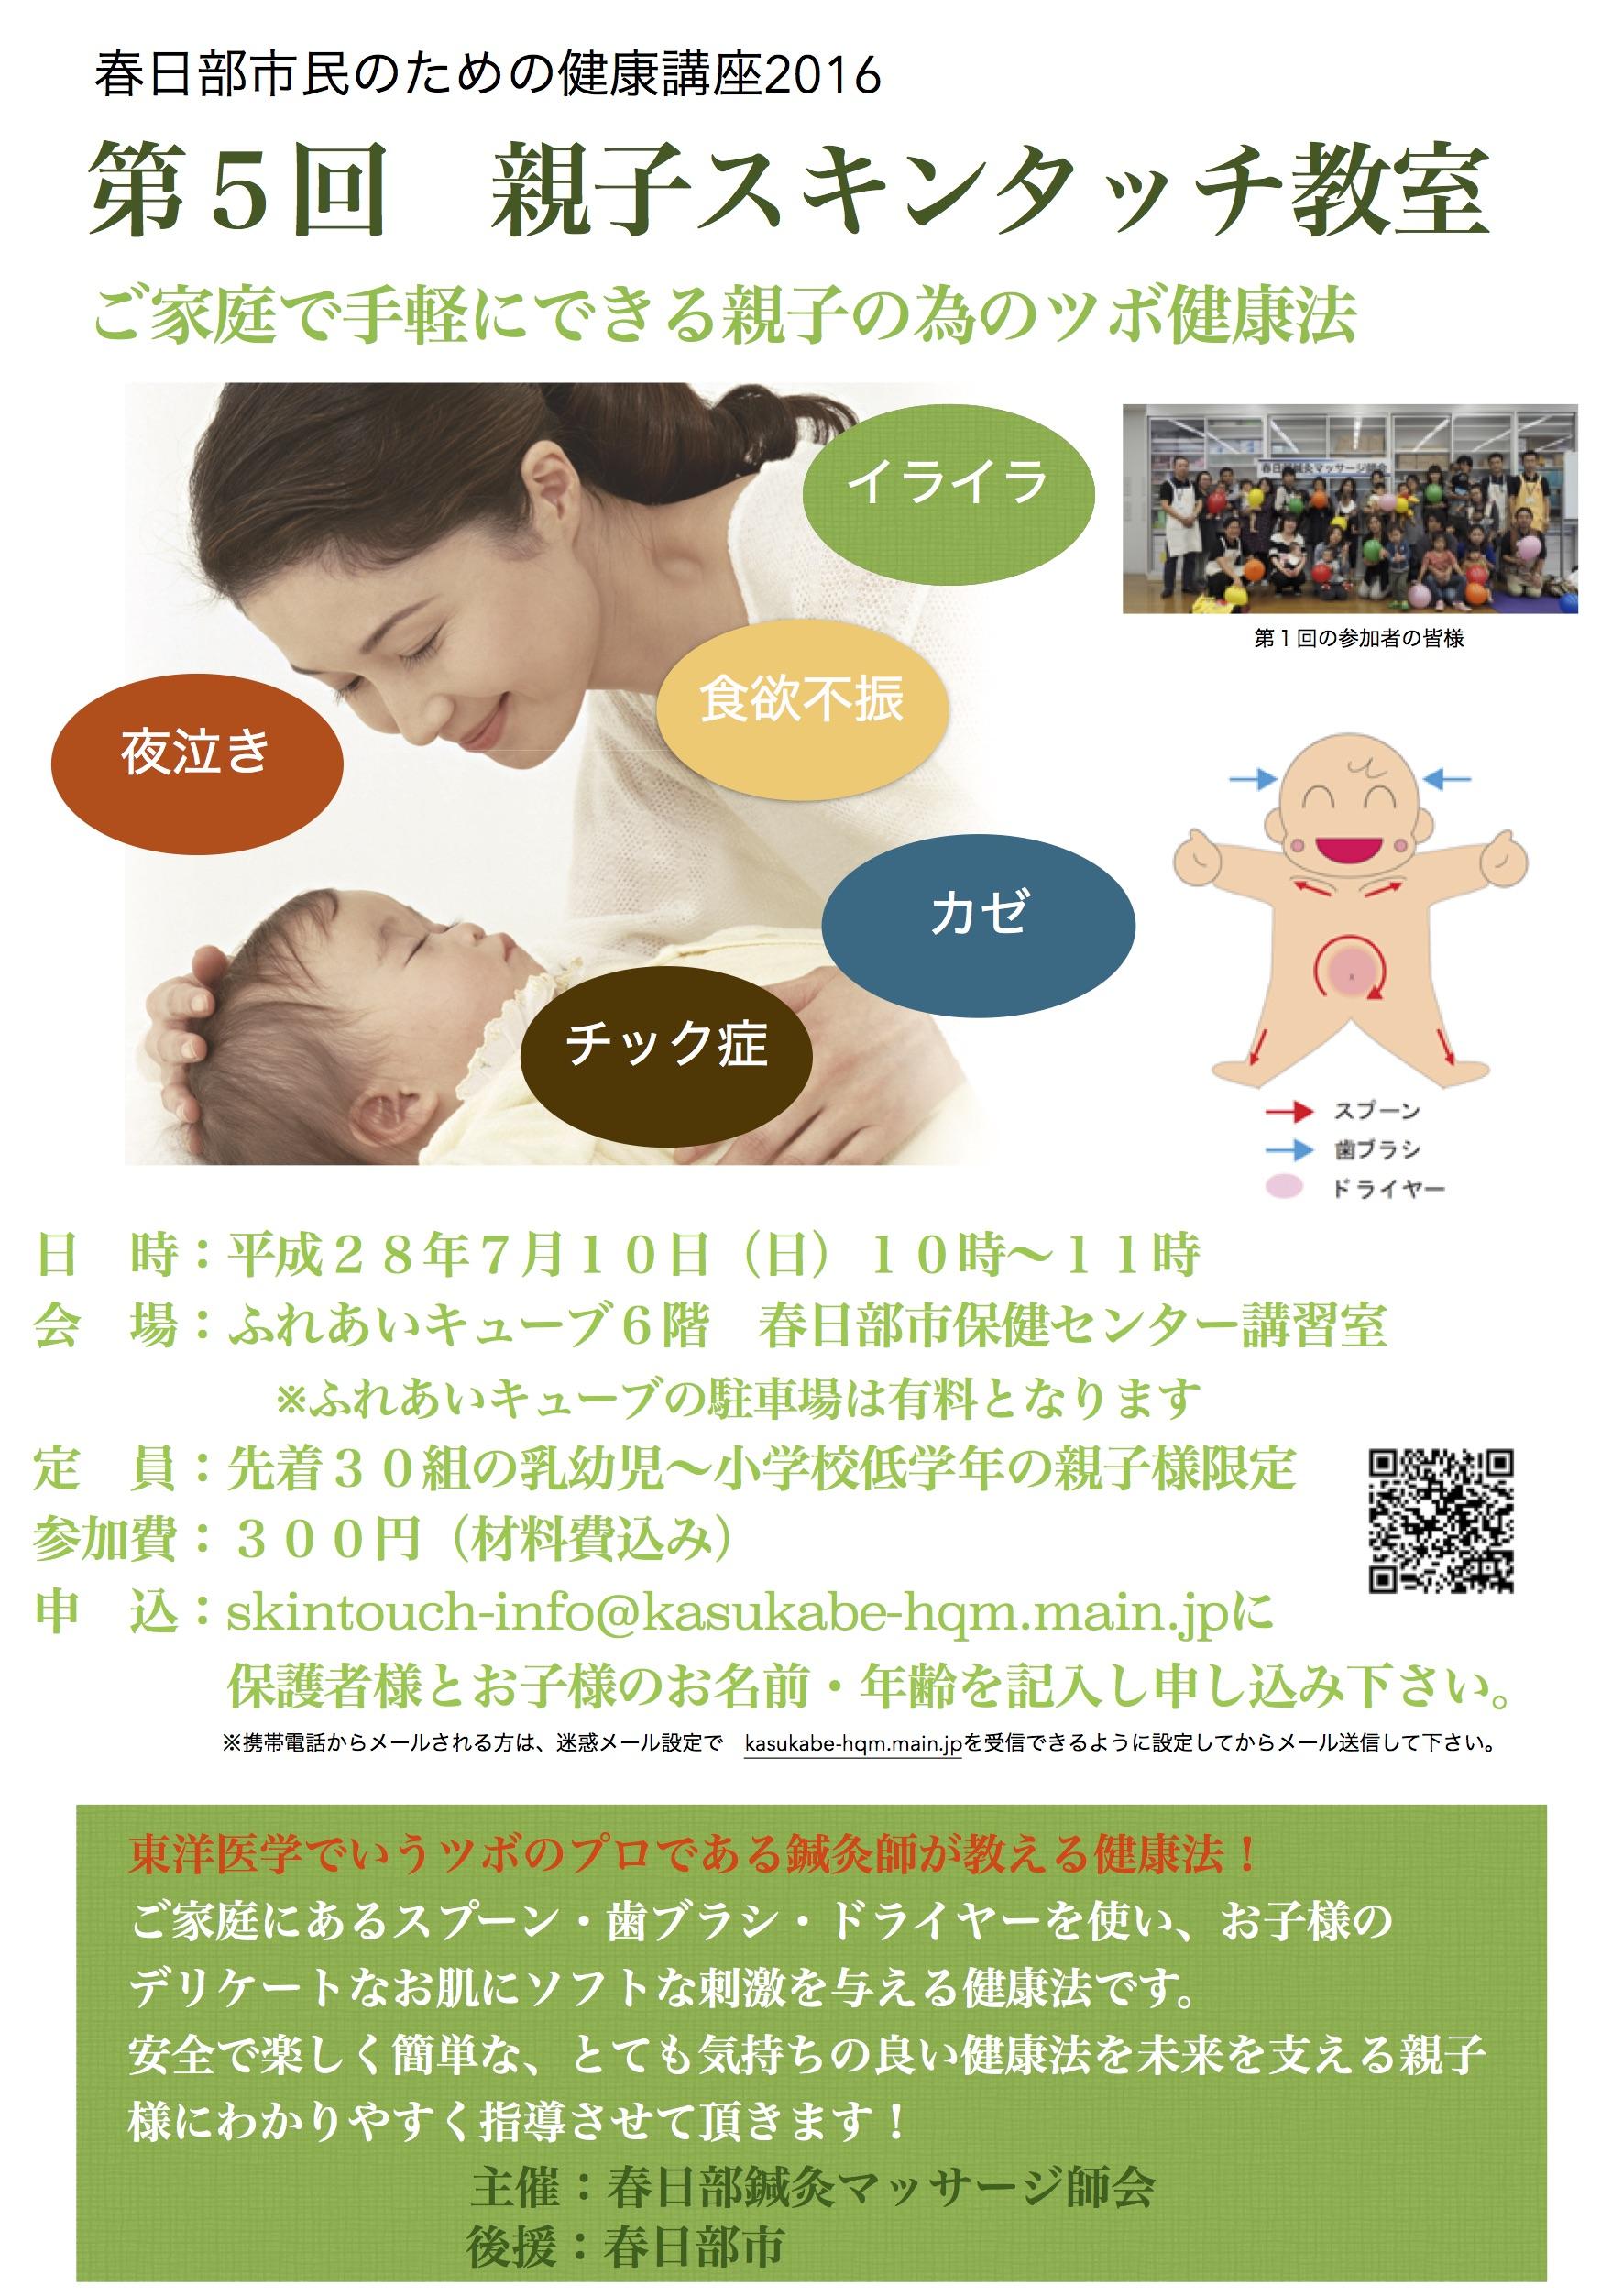 親子スキンタッチ教室・小児鍼を応用した健康法